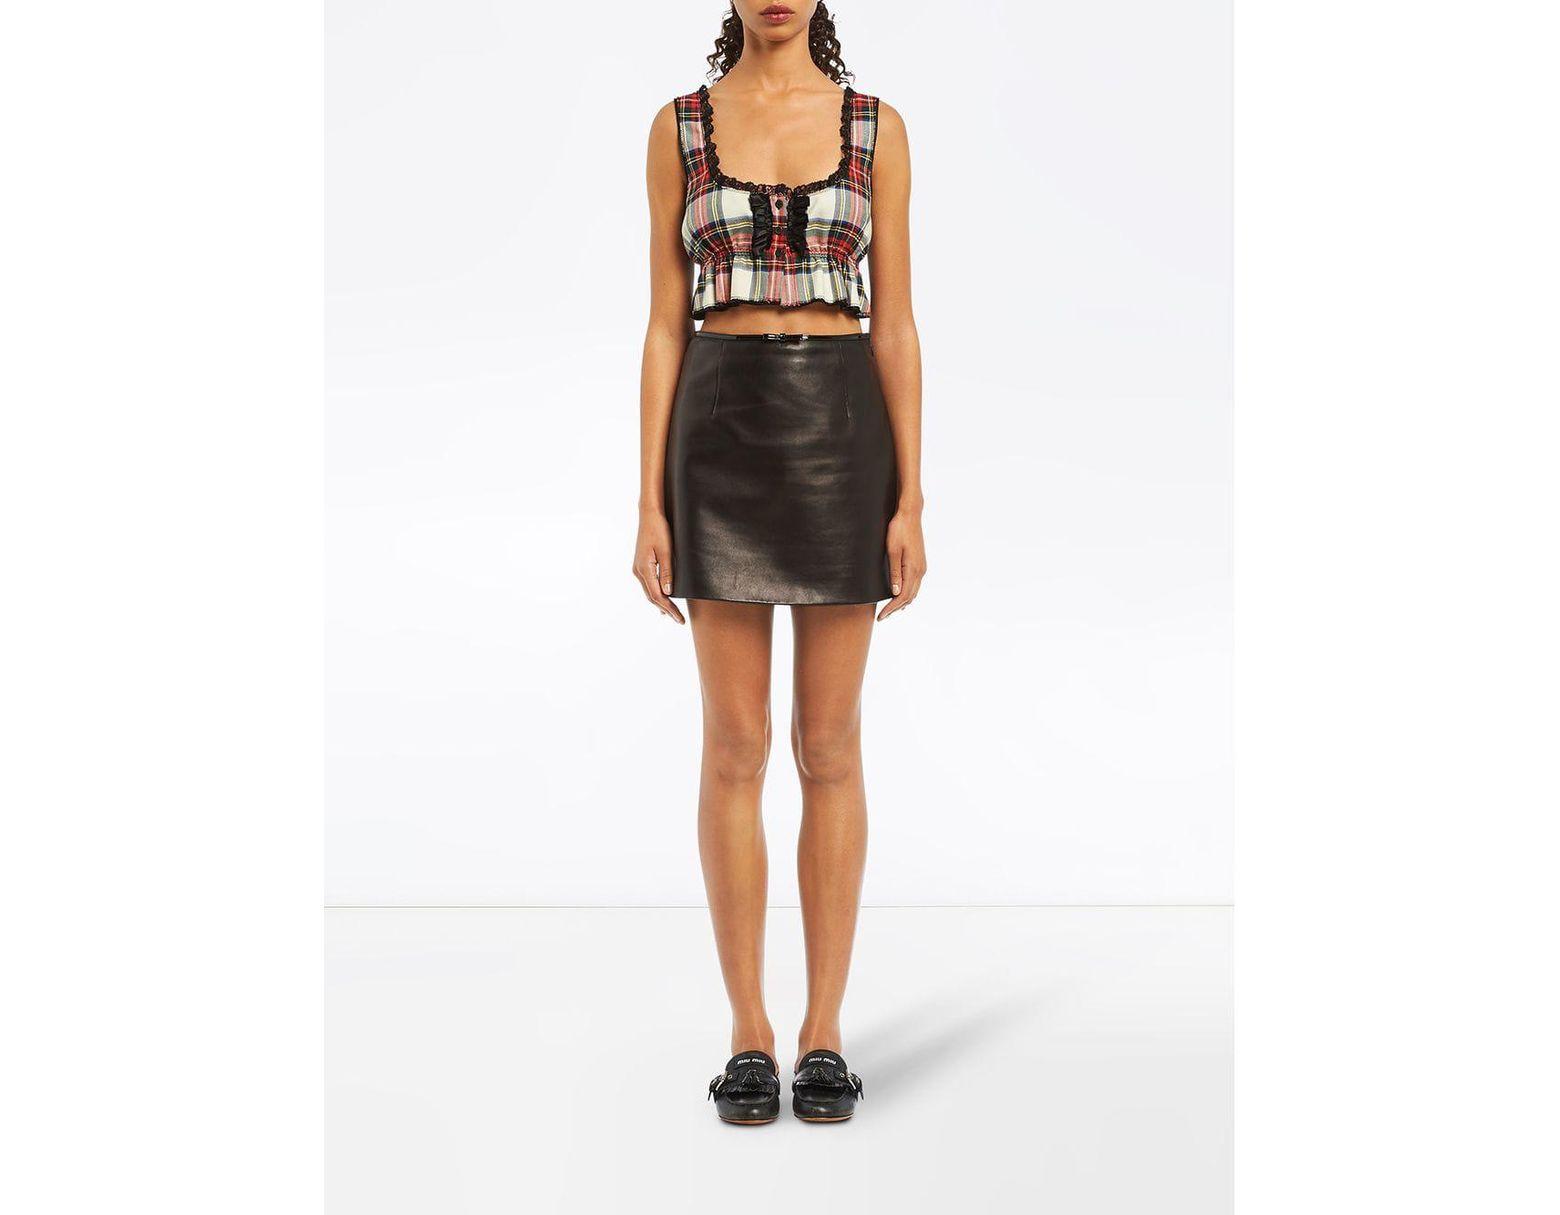 7bf8e56972d Miu Miu A-line Leather Skirt in Black - Lyst